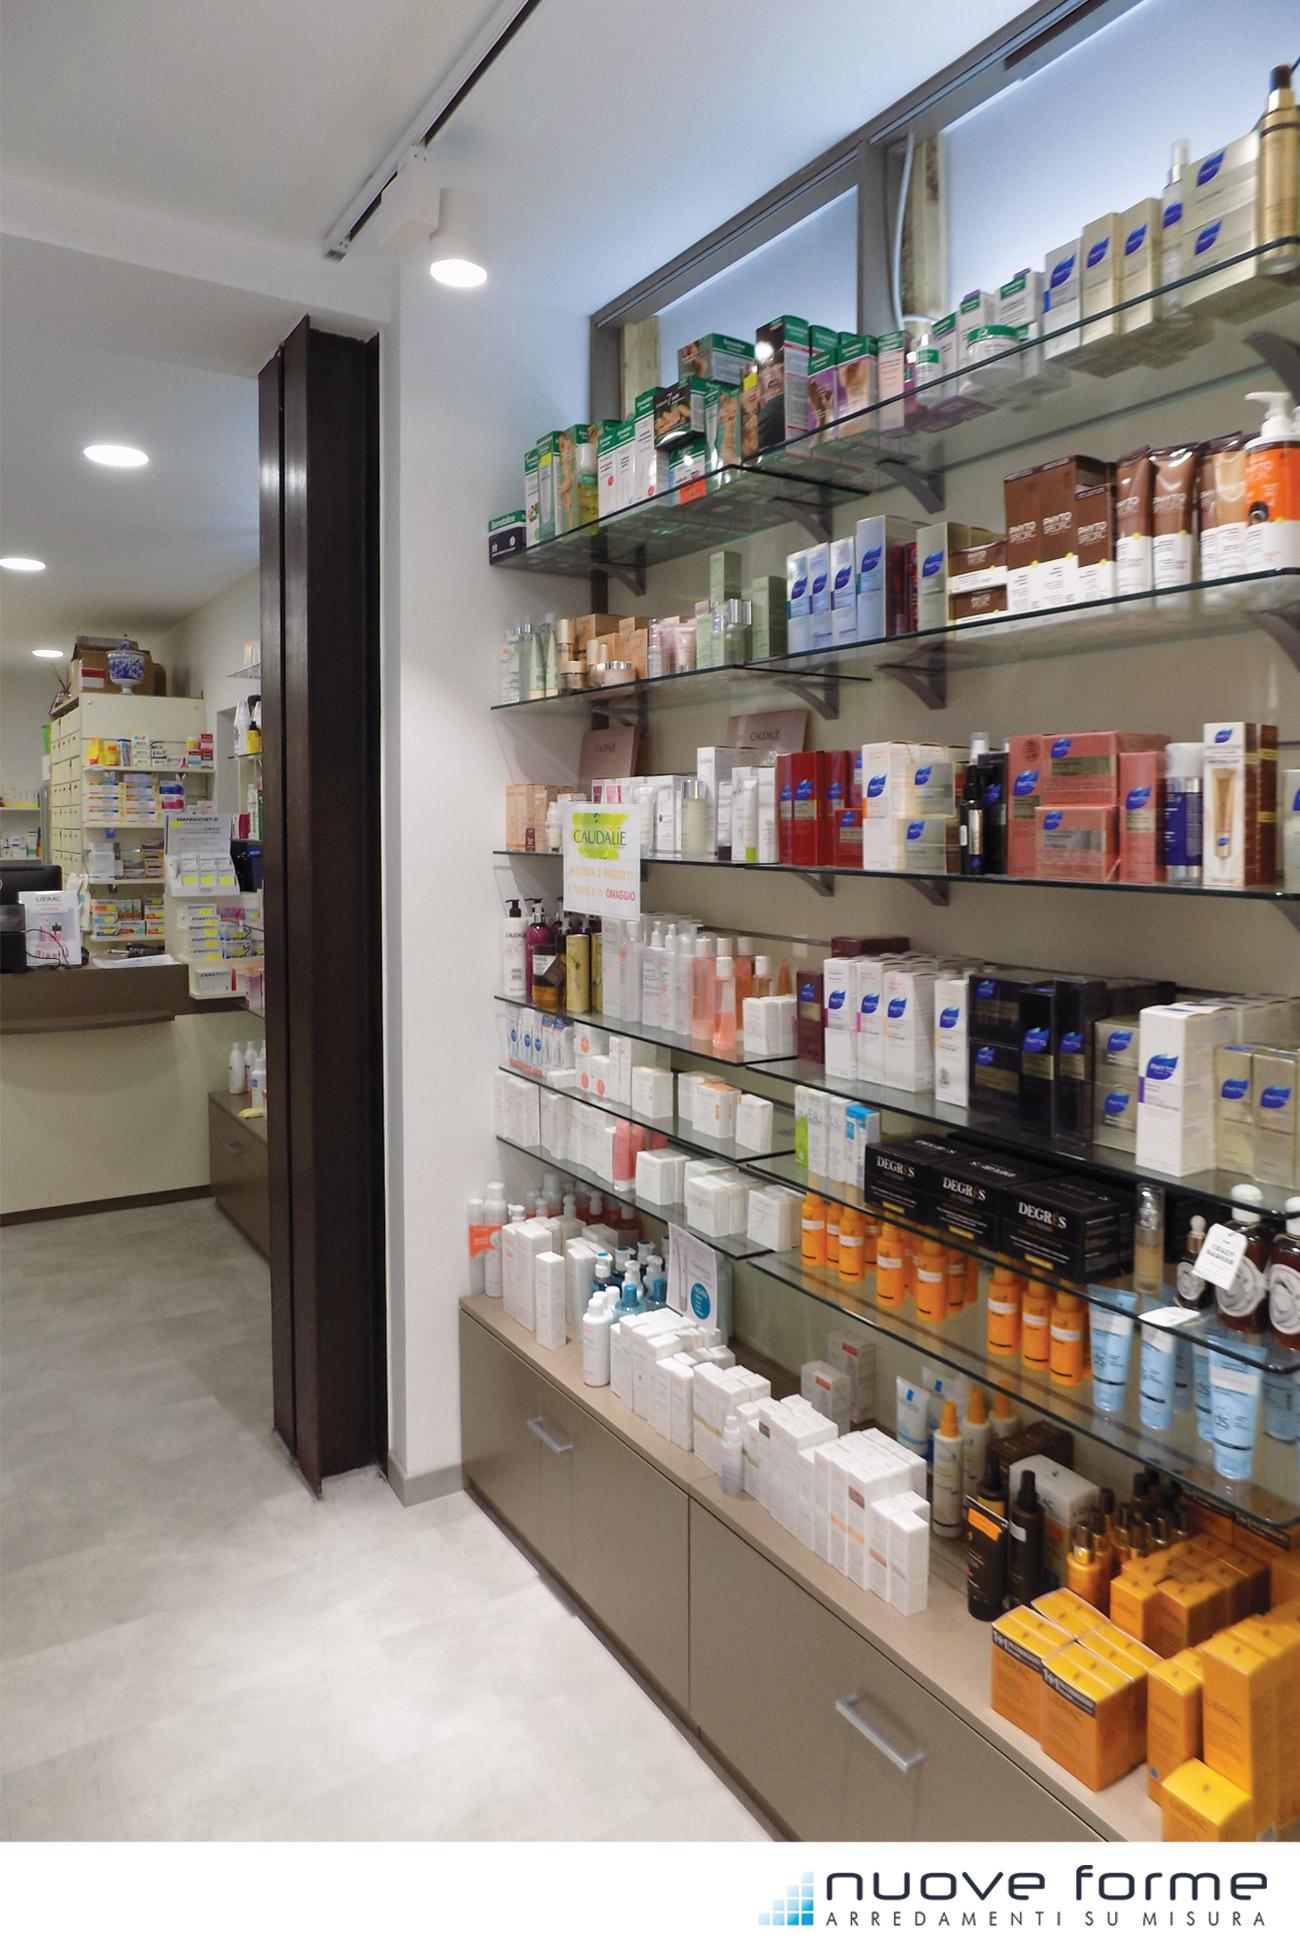 Galleria nuove forme for Arredamento parafarmacia usato